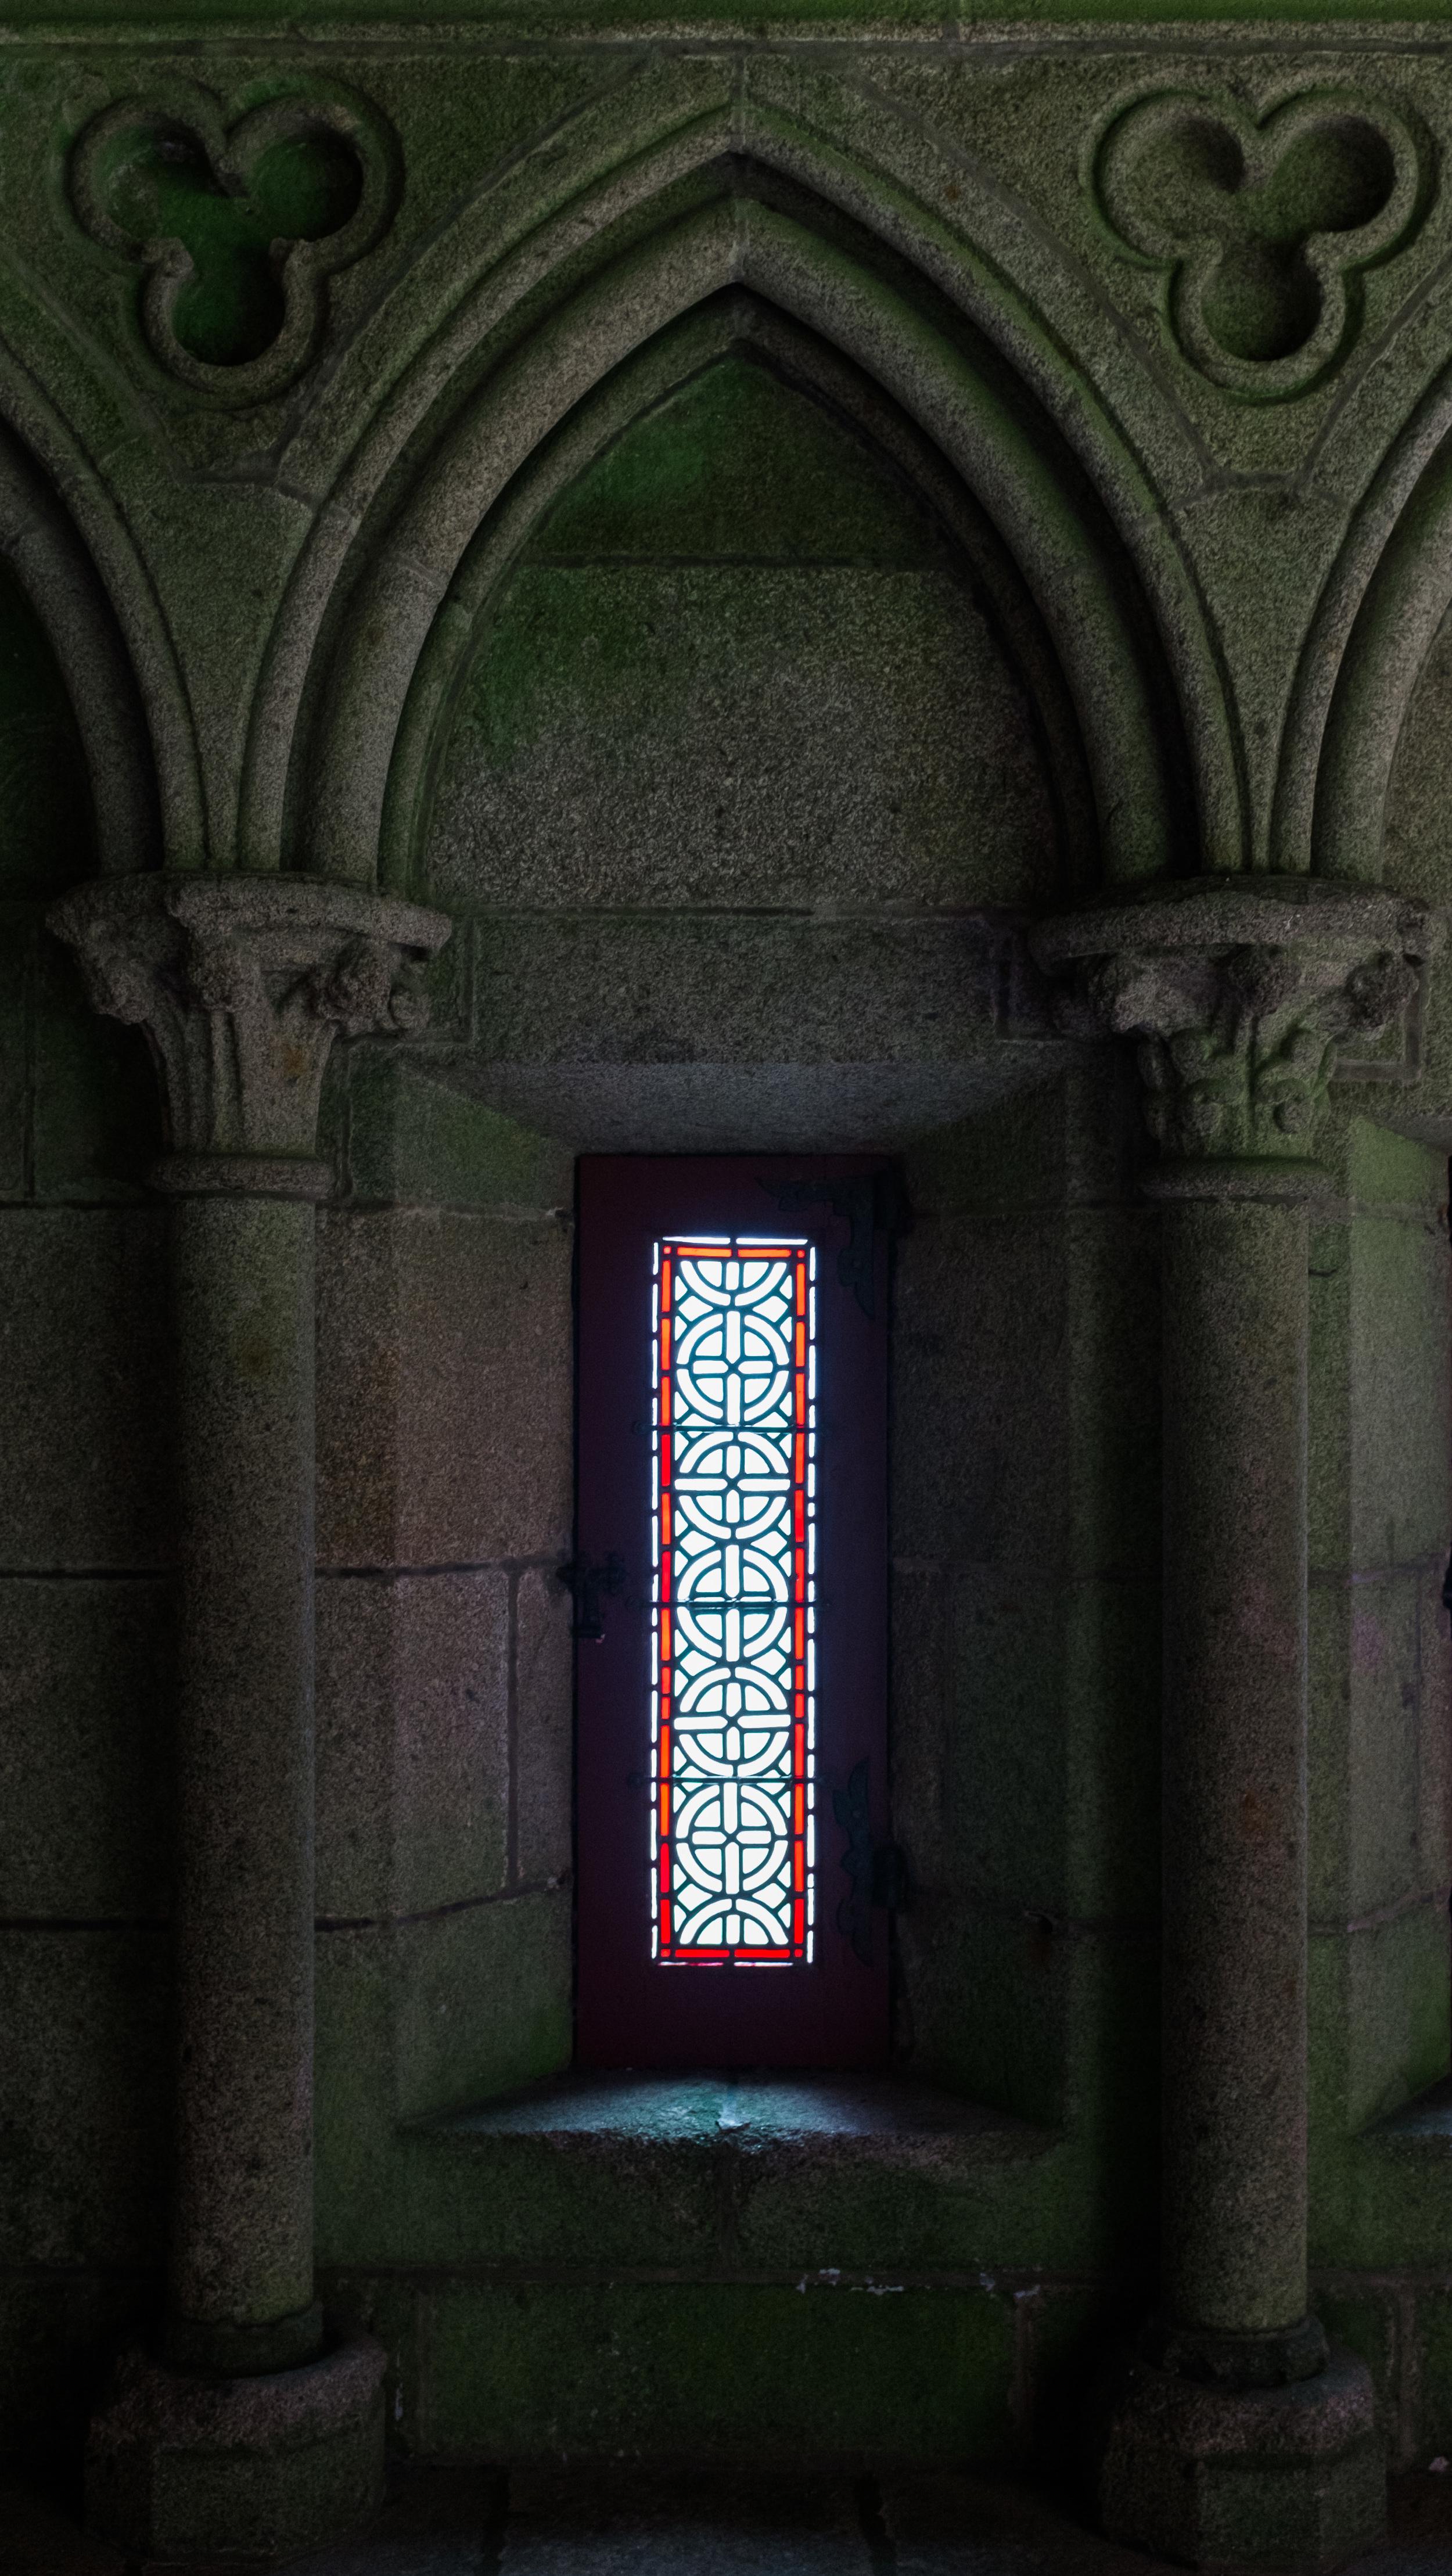 london-britian-cambridge-stmalo-mont-saint-michel-france-normandy-paris-050.jpg